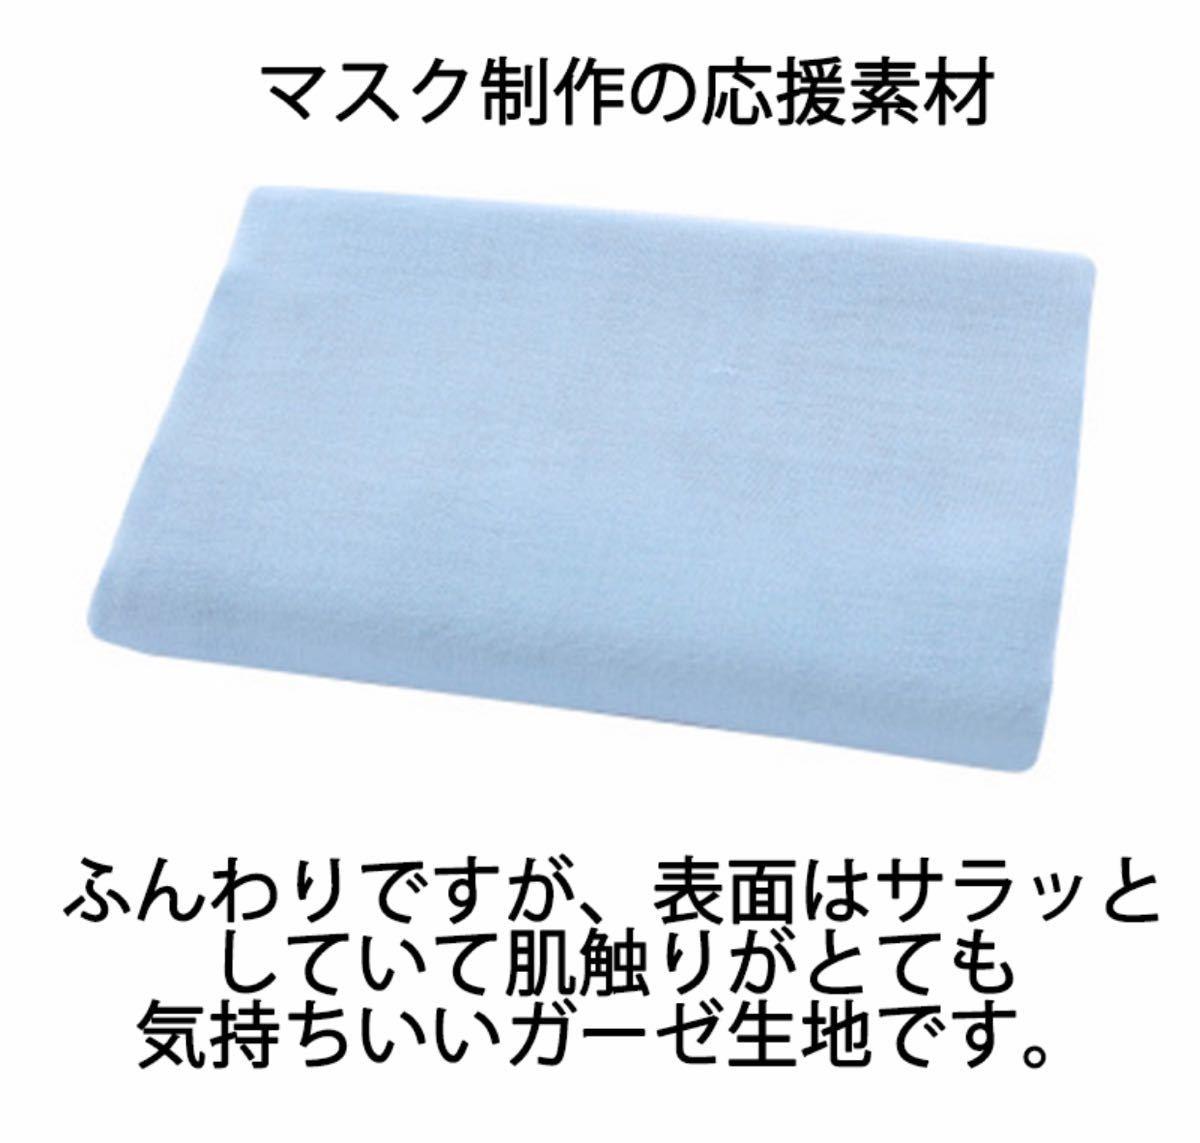 ダブルガーゼ 生地 無地 手作りマスク用ガーゼ 約1m*1.5m 綿 100% コットン ダブルガーゼ 二重ガーゼ